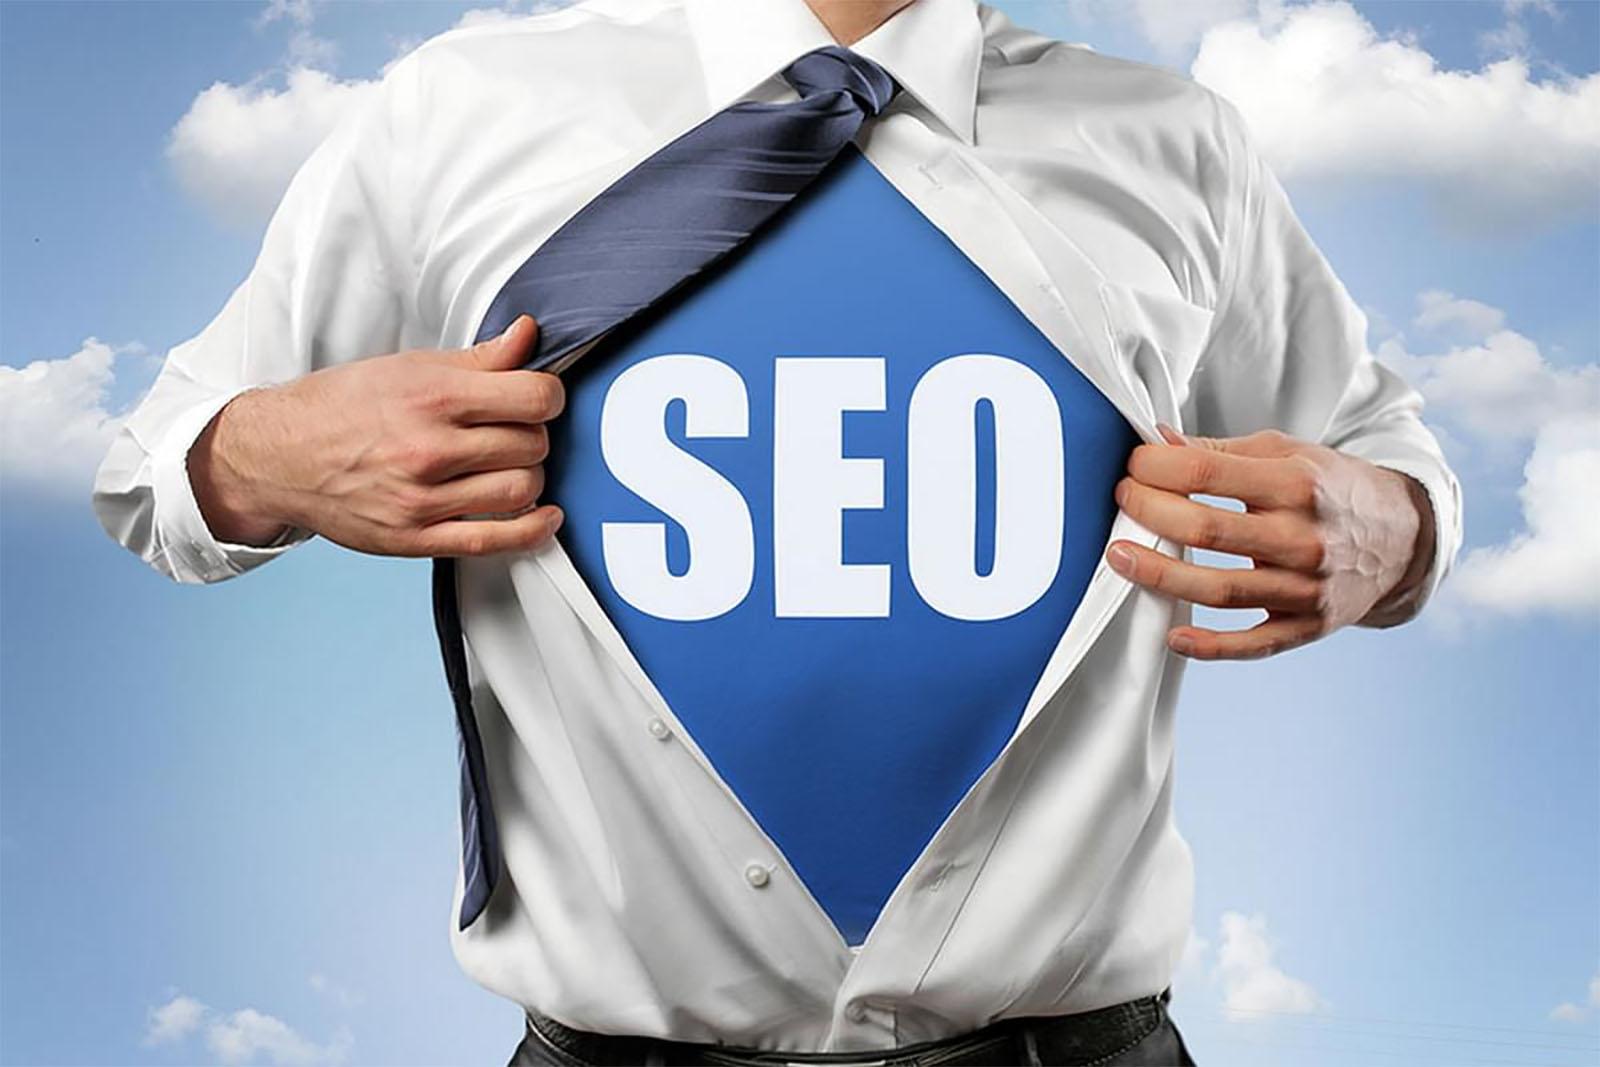 22.04.21г. в 14.00. Бесплатный вебинар: SEO-продвижение и как увеличить прибыль в интернете